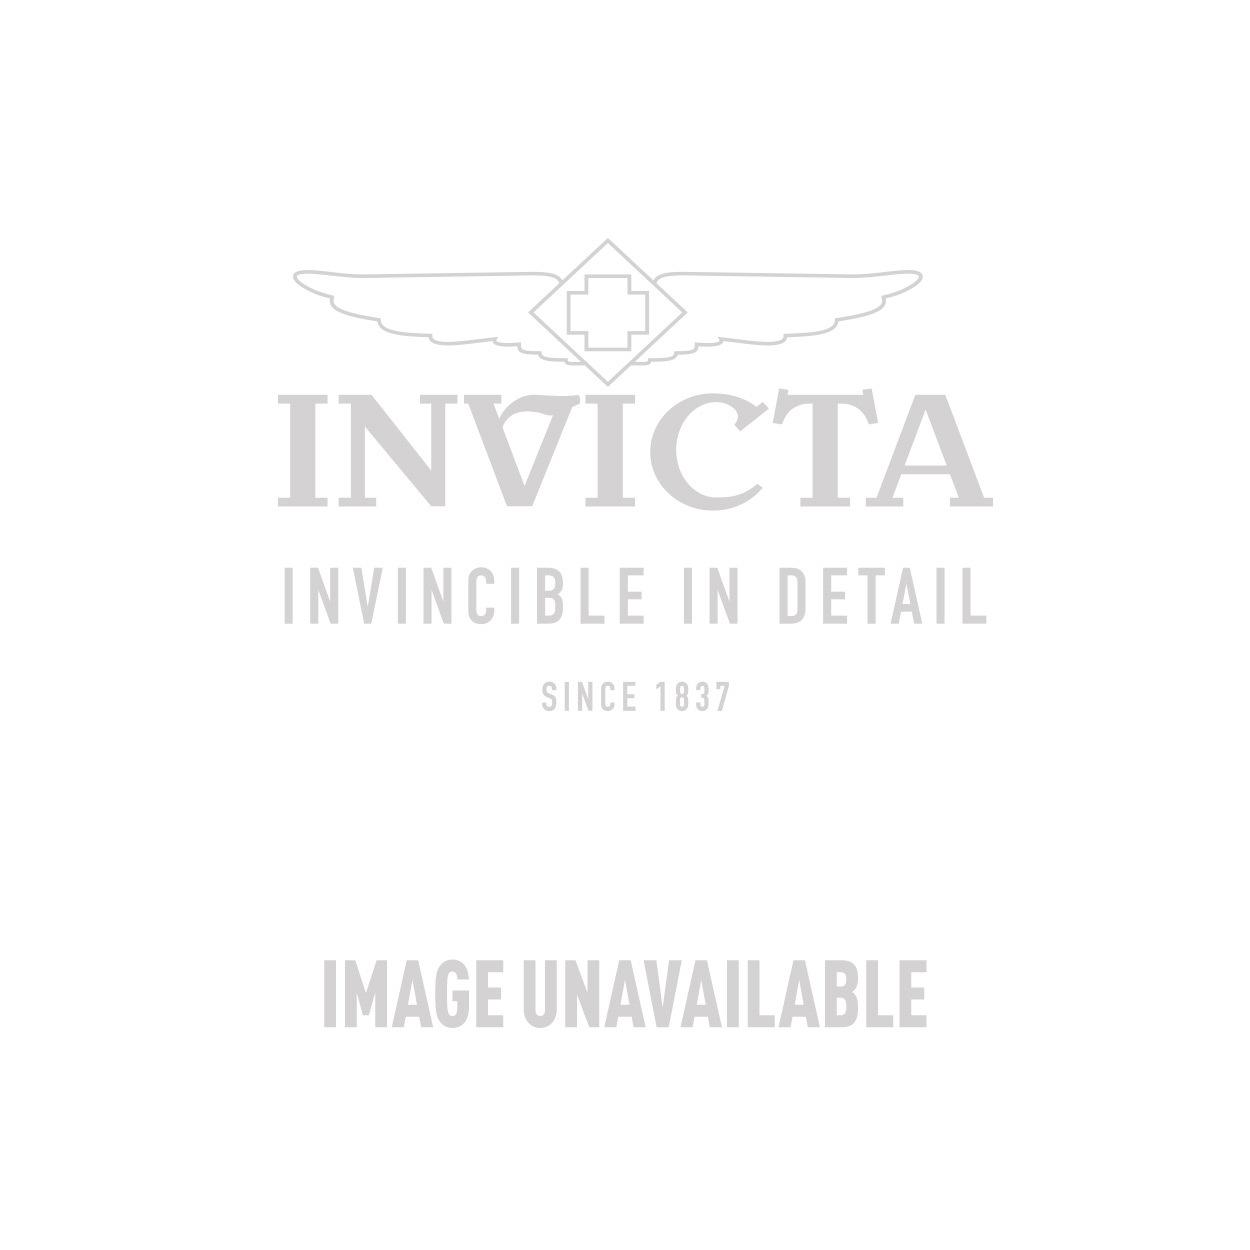 Invicta Model 25573